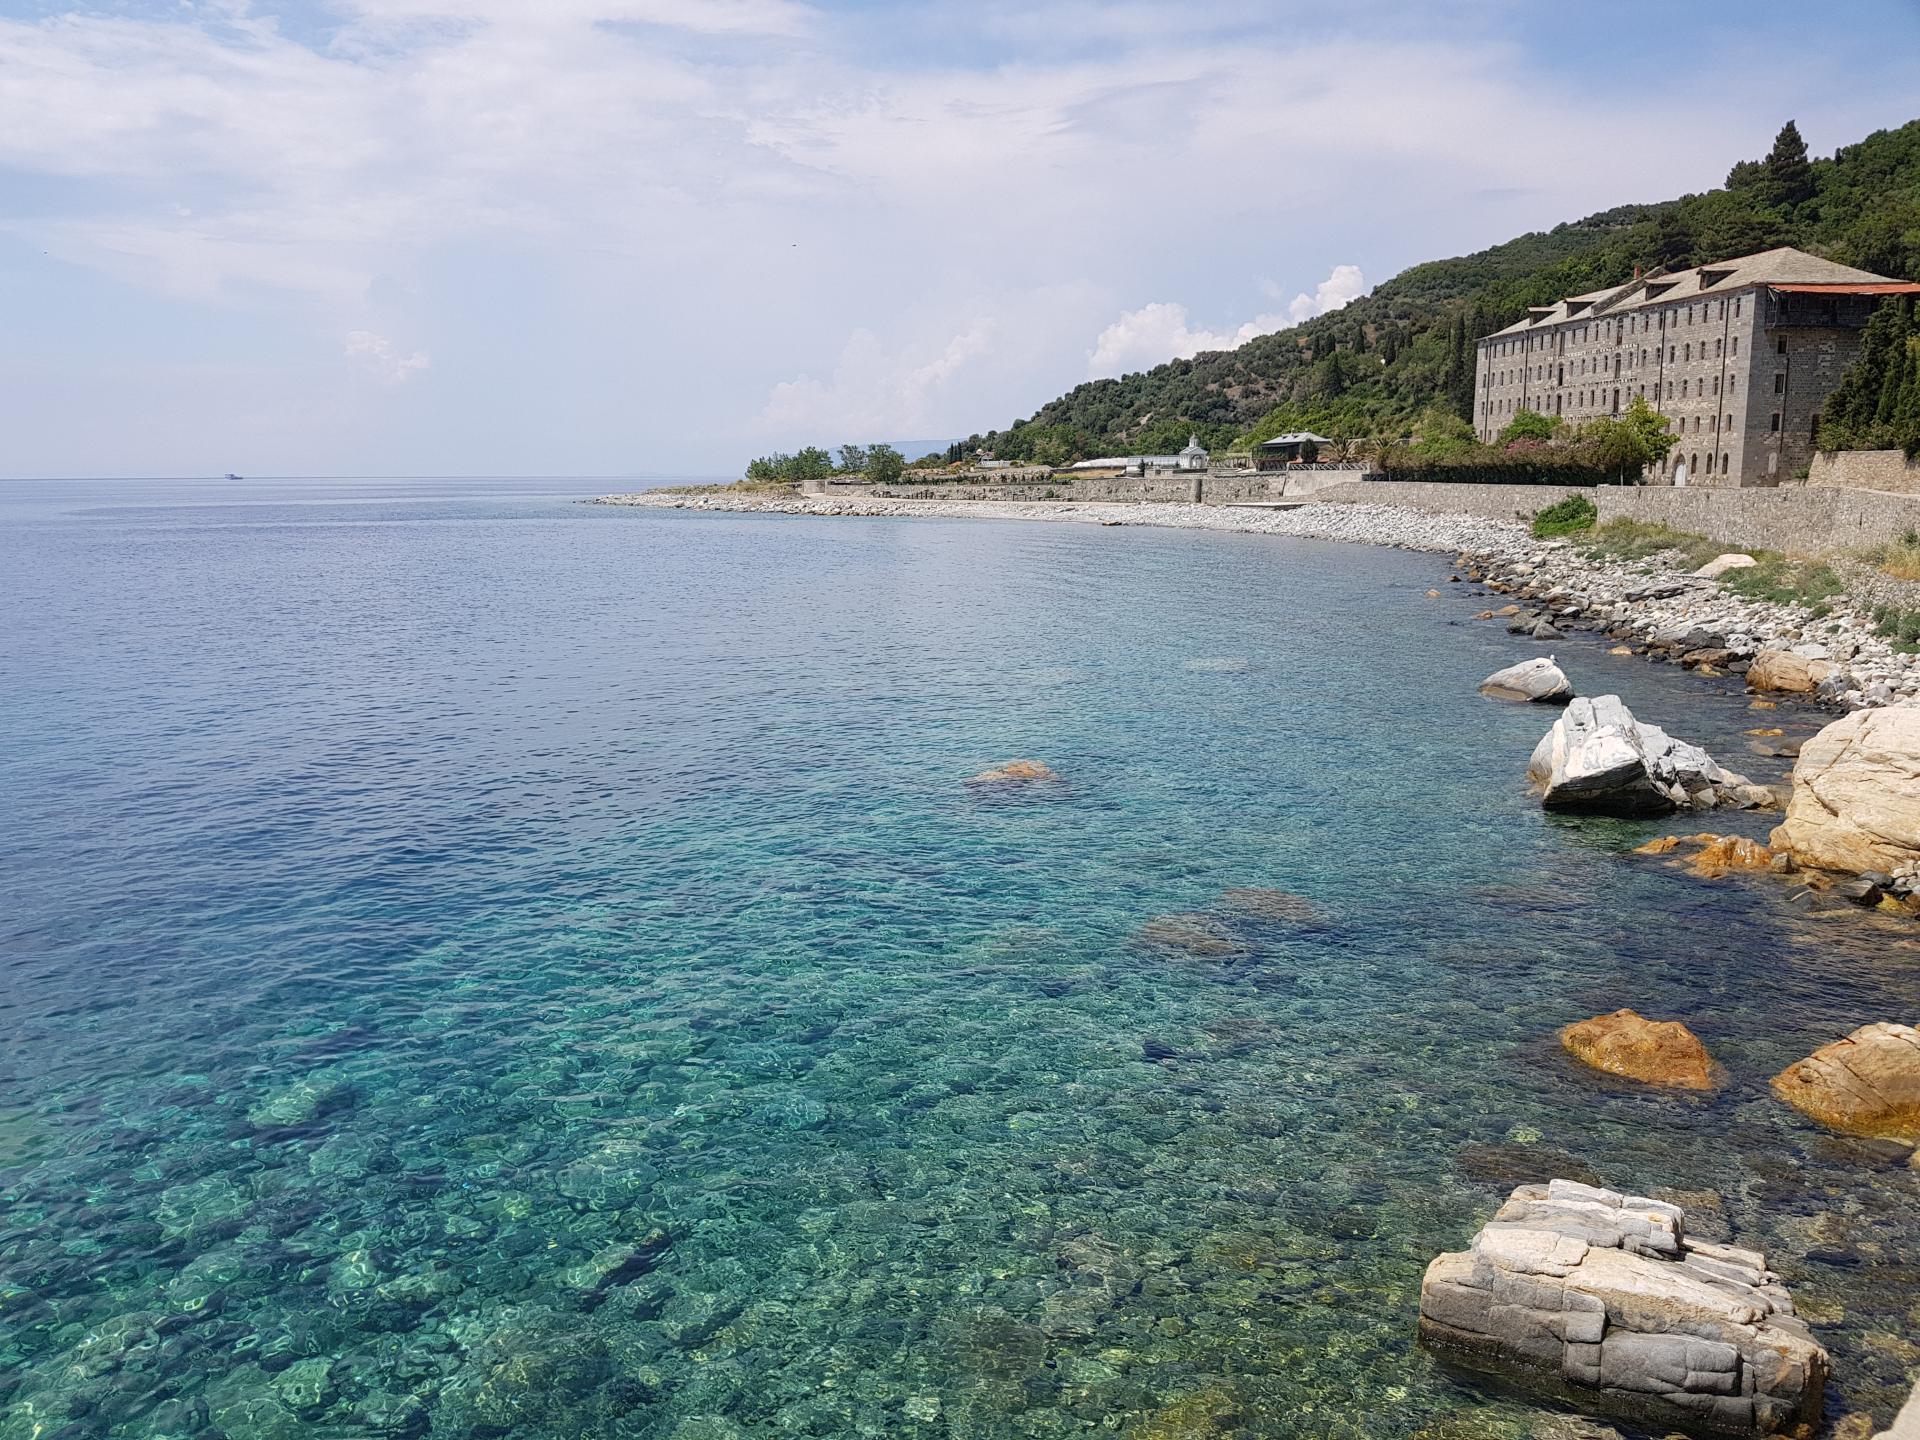 берег моря рядом с монастырем